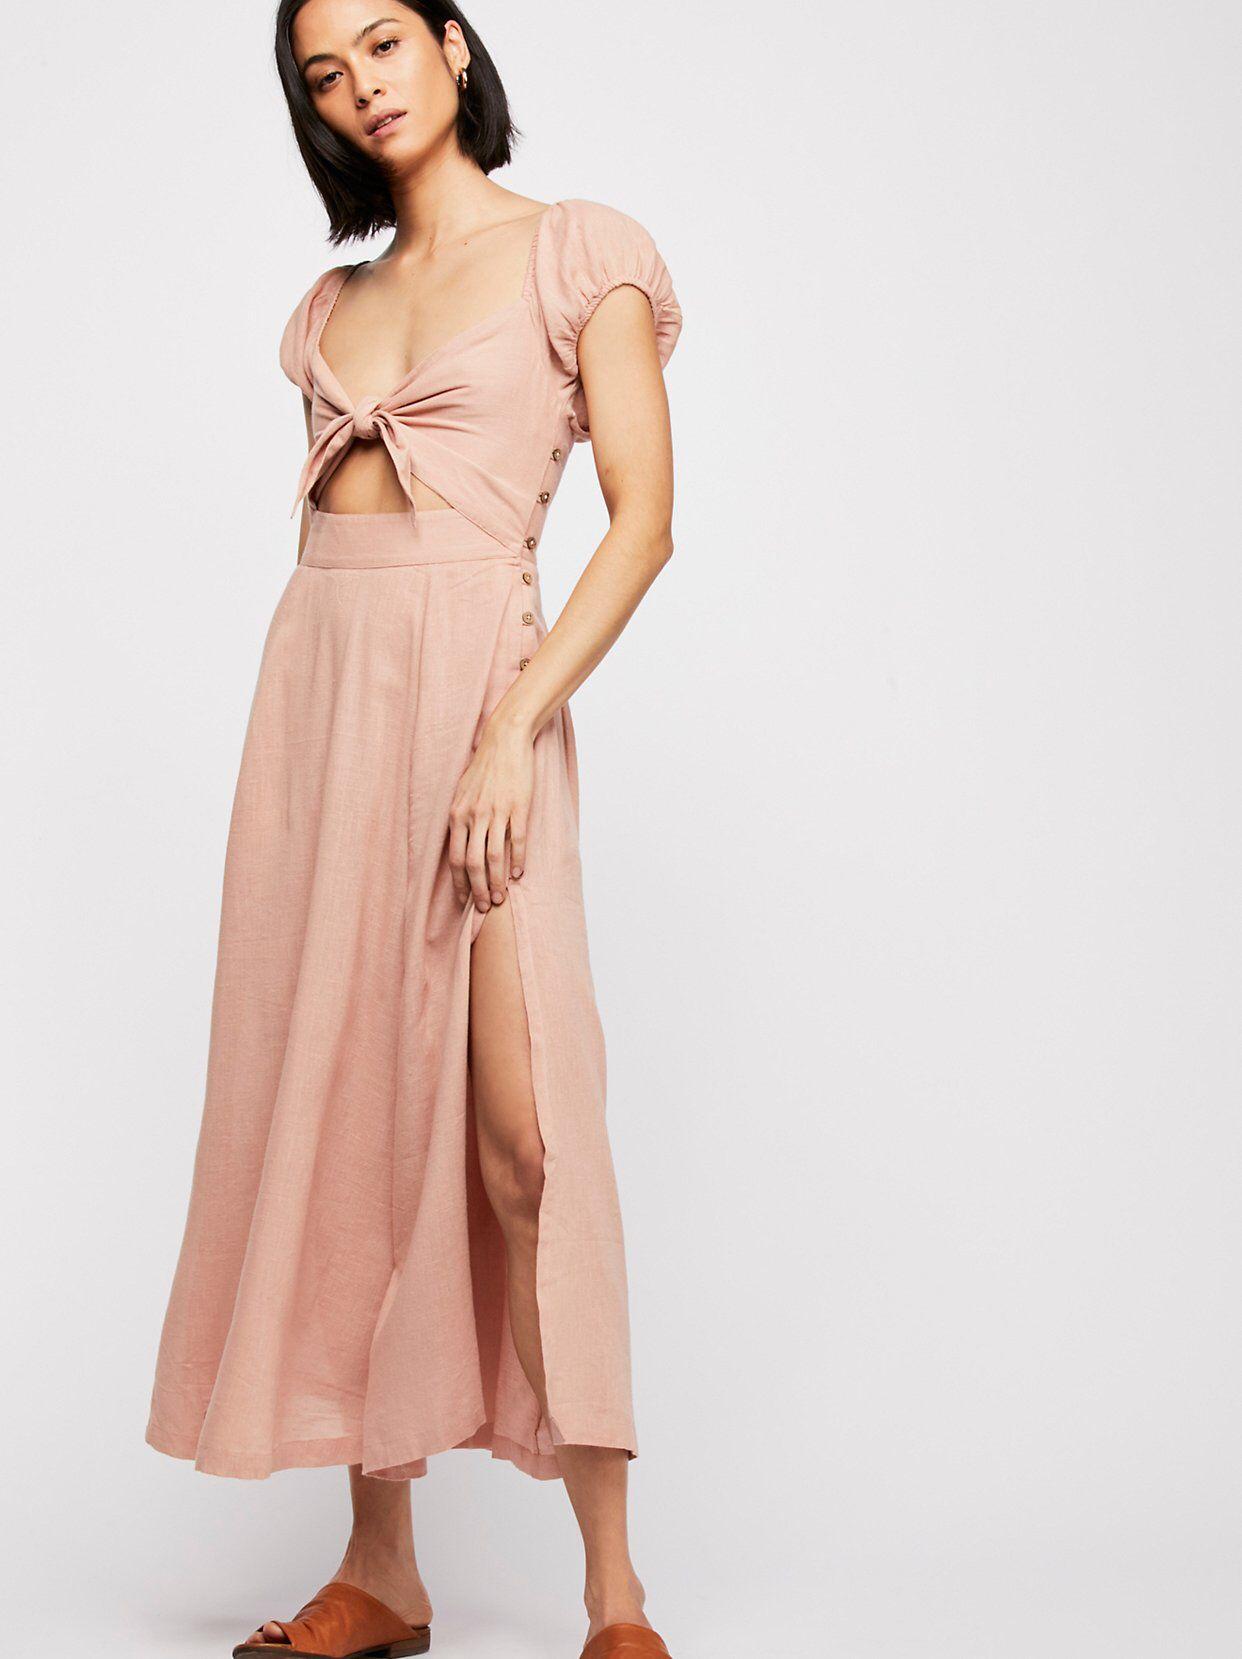 f7340715b5556 The Getaway Midi Dress | Attire | Dresses, Dress outfits, Free people